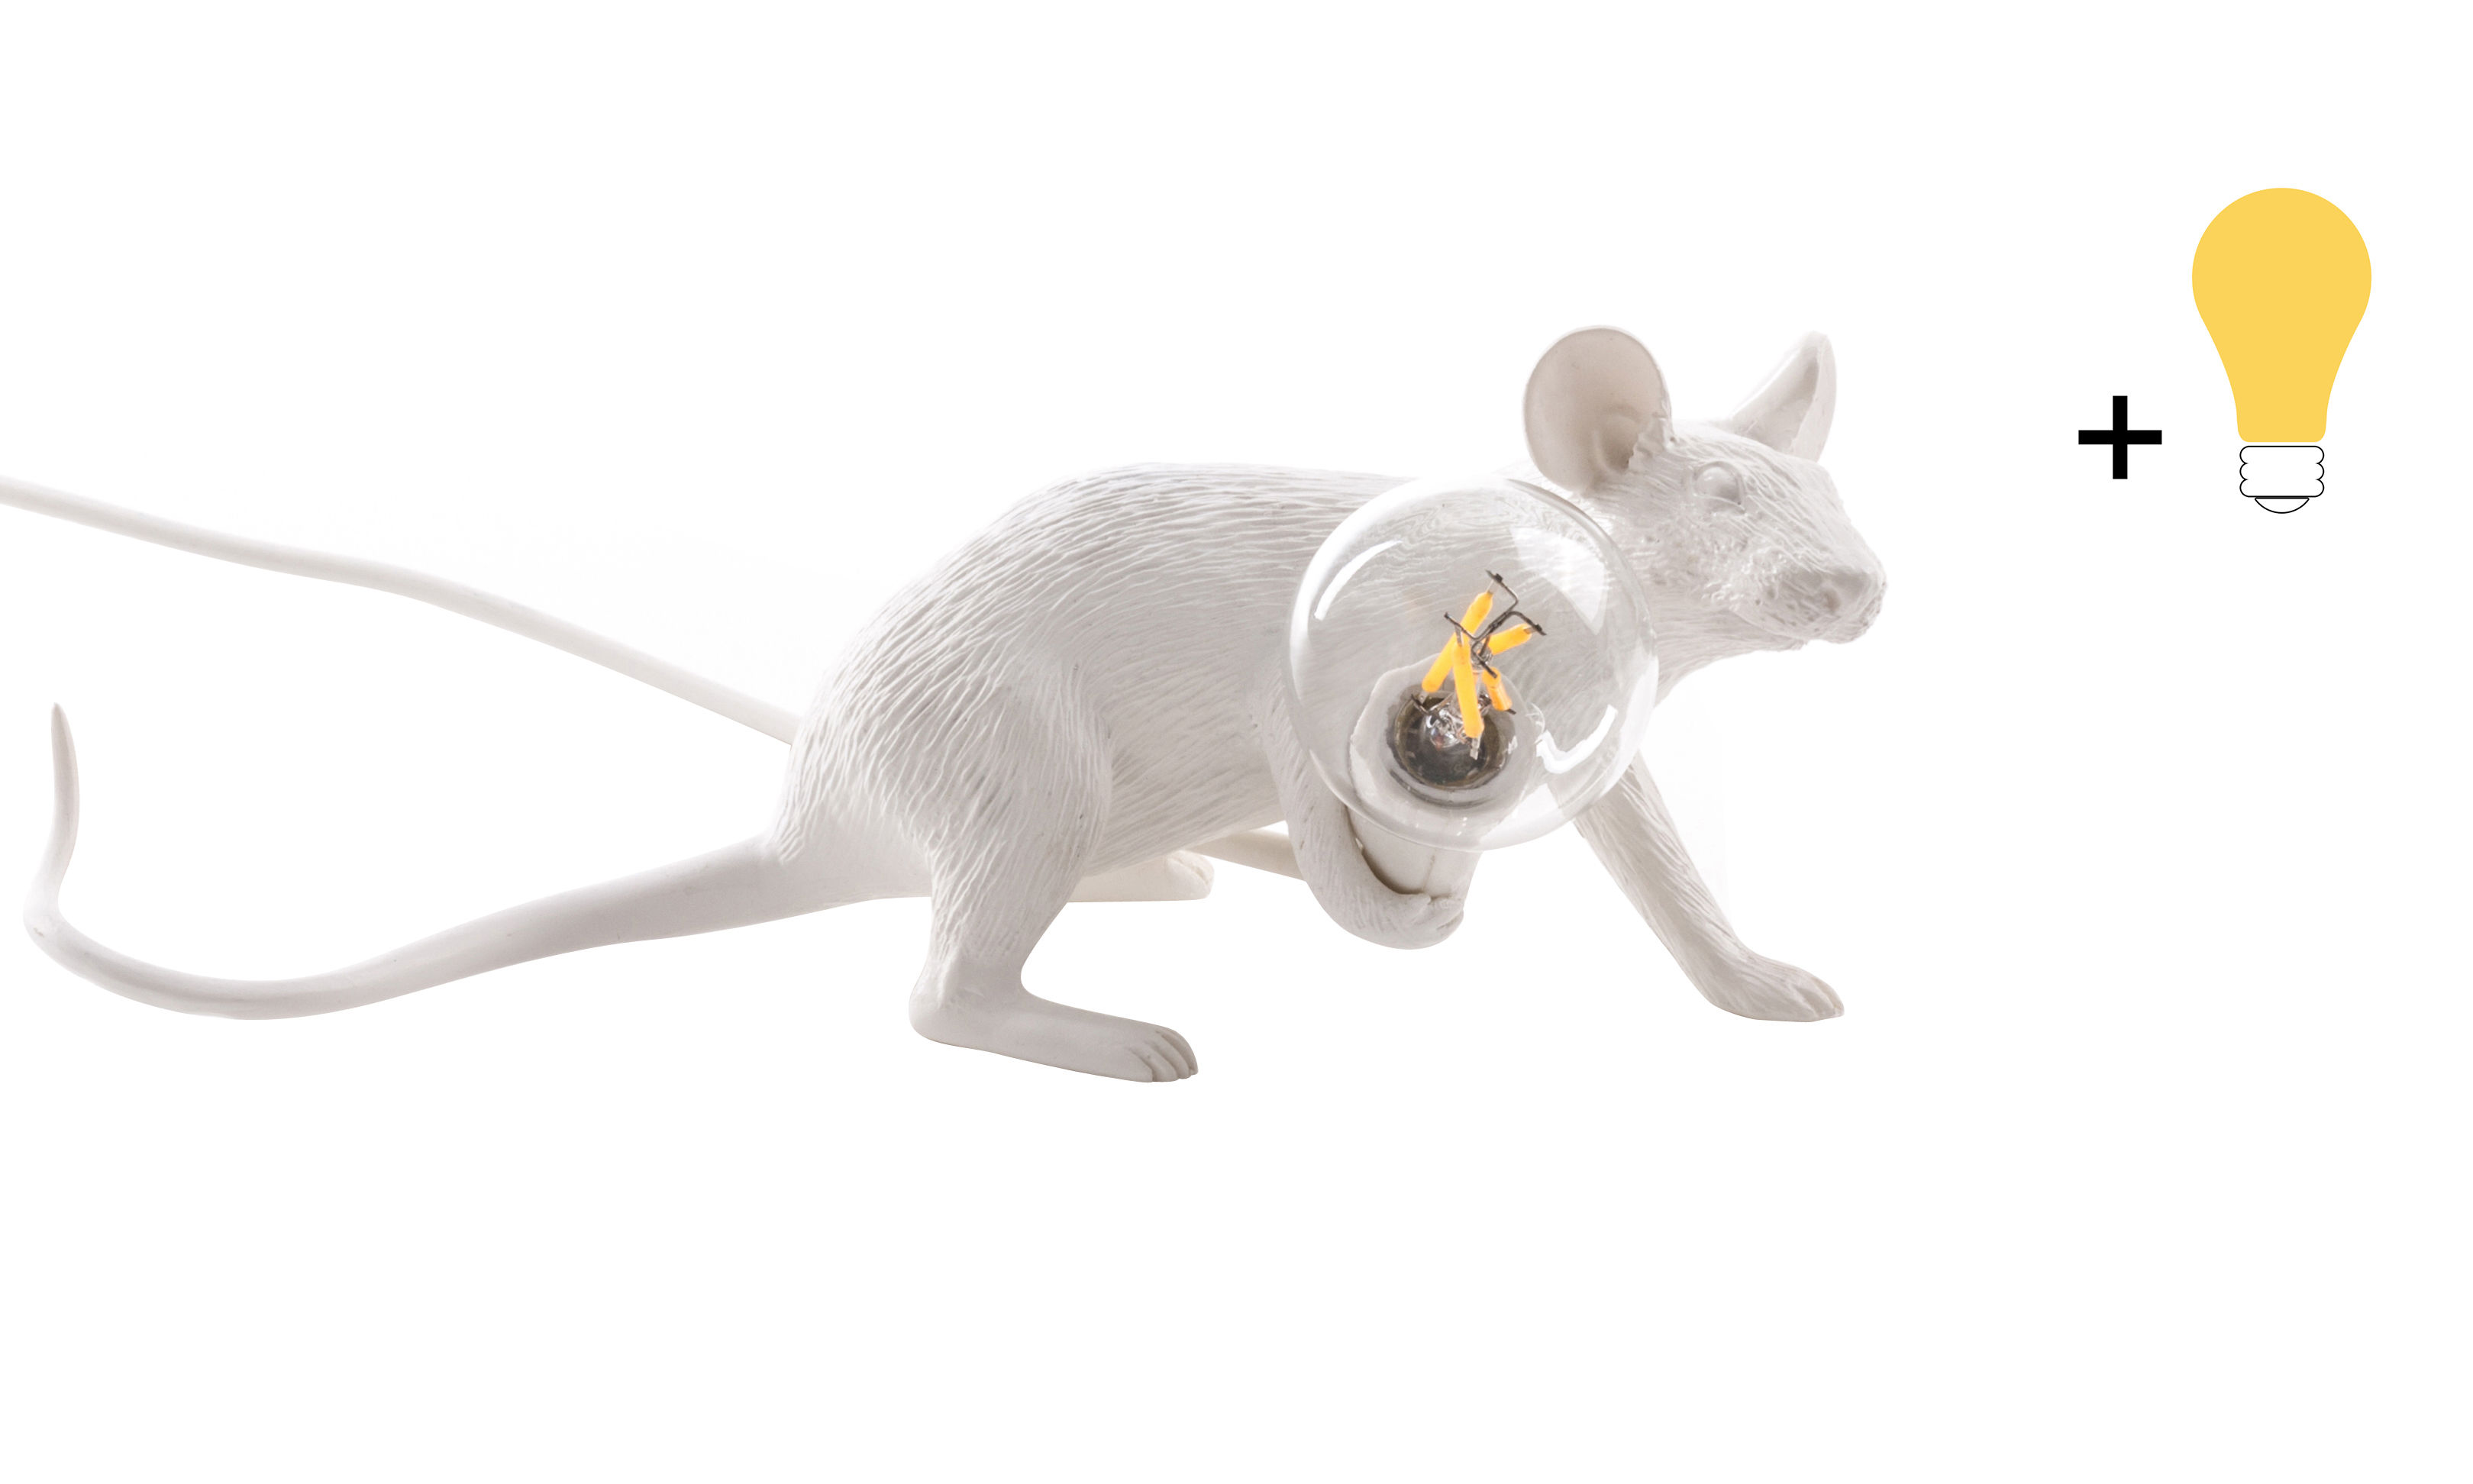 Interni - Per bambini - Lampada da tavolo Mouse Lie Down #3 - / Topo sdraiato - Esclusiva di Seletti - Topo allungato / Bianco / Lampadina colorata - Resina